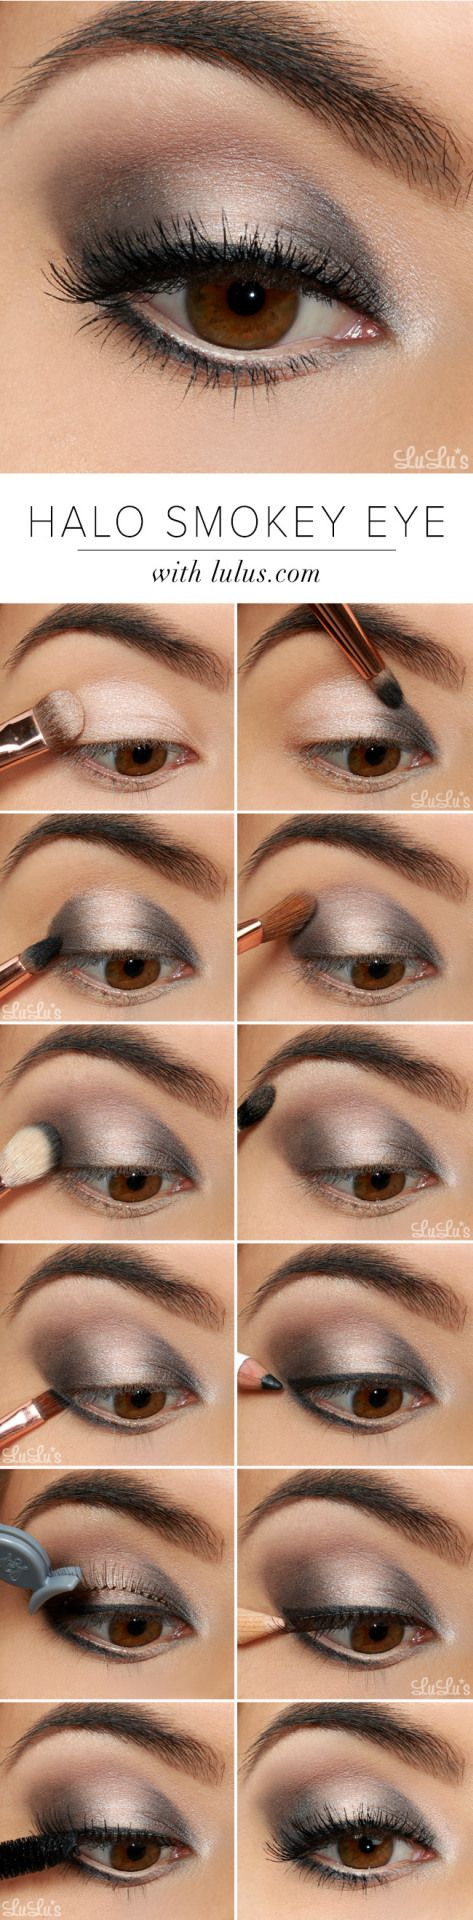 LuLu*s How-To: Halo Smokey Eye Shadow Tutorial